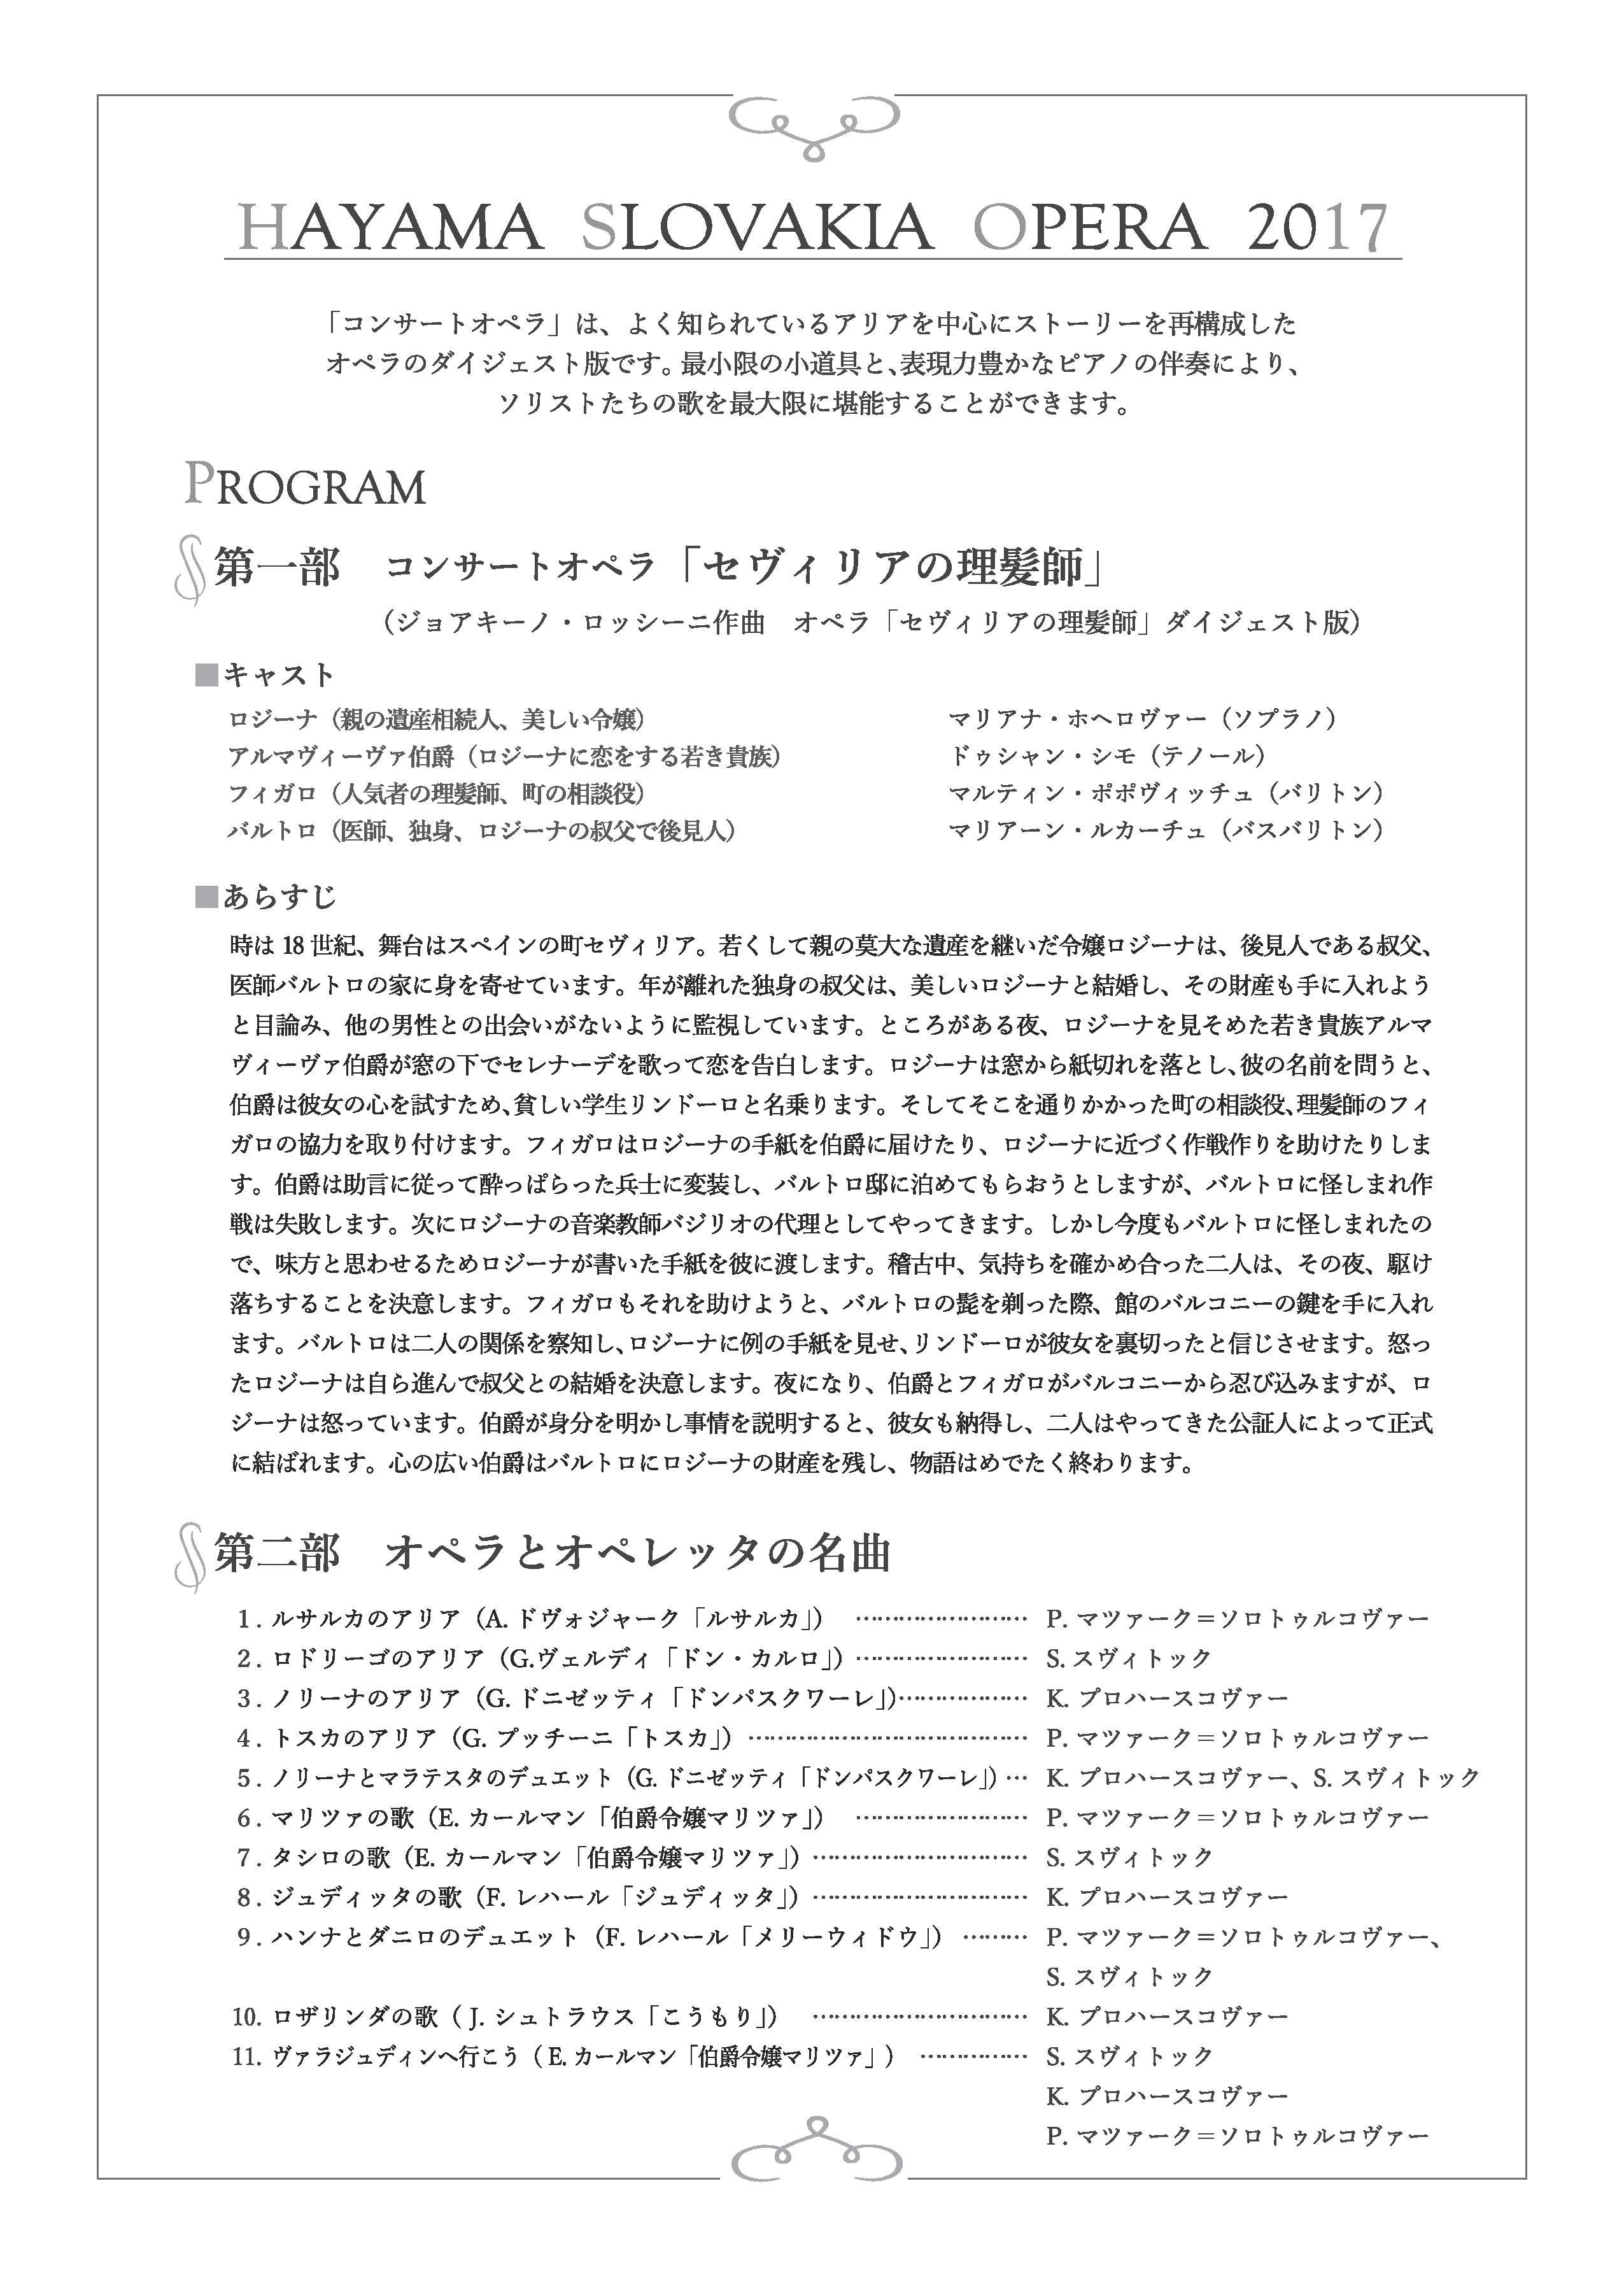 file-page1_20170610165707c2e.jpg